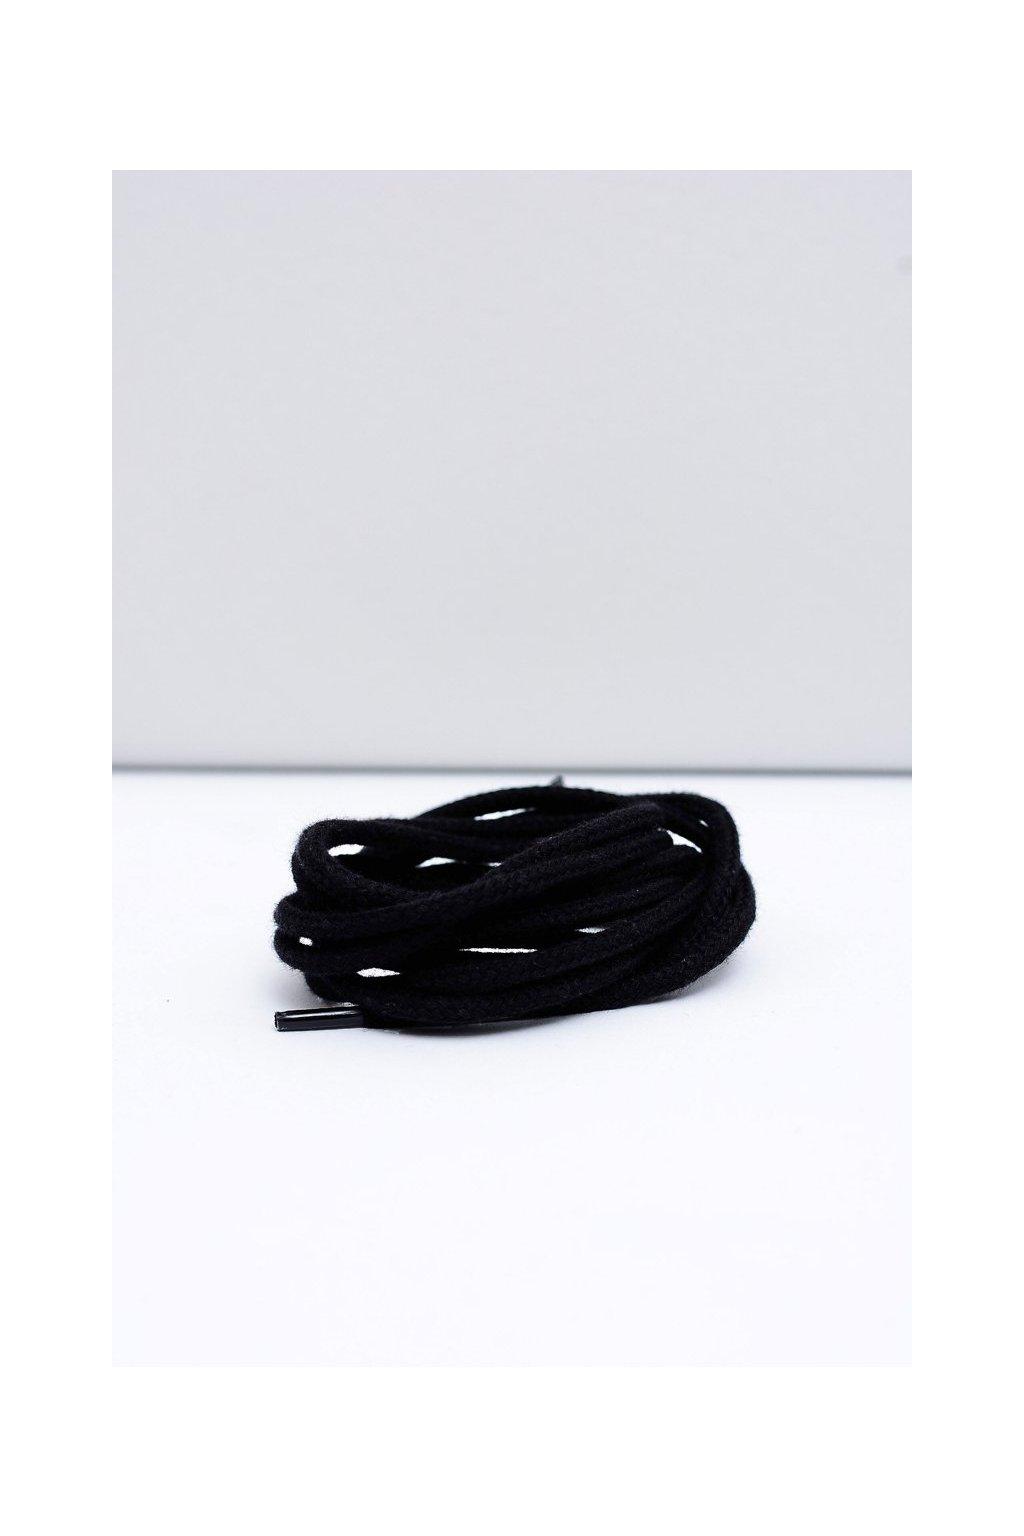 Šnúrky do topánok farba čierna kód CZARNE OKR. GRUBE